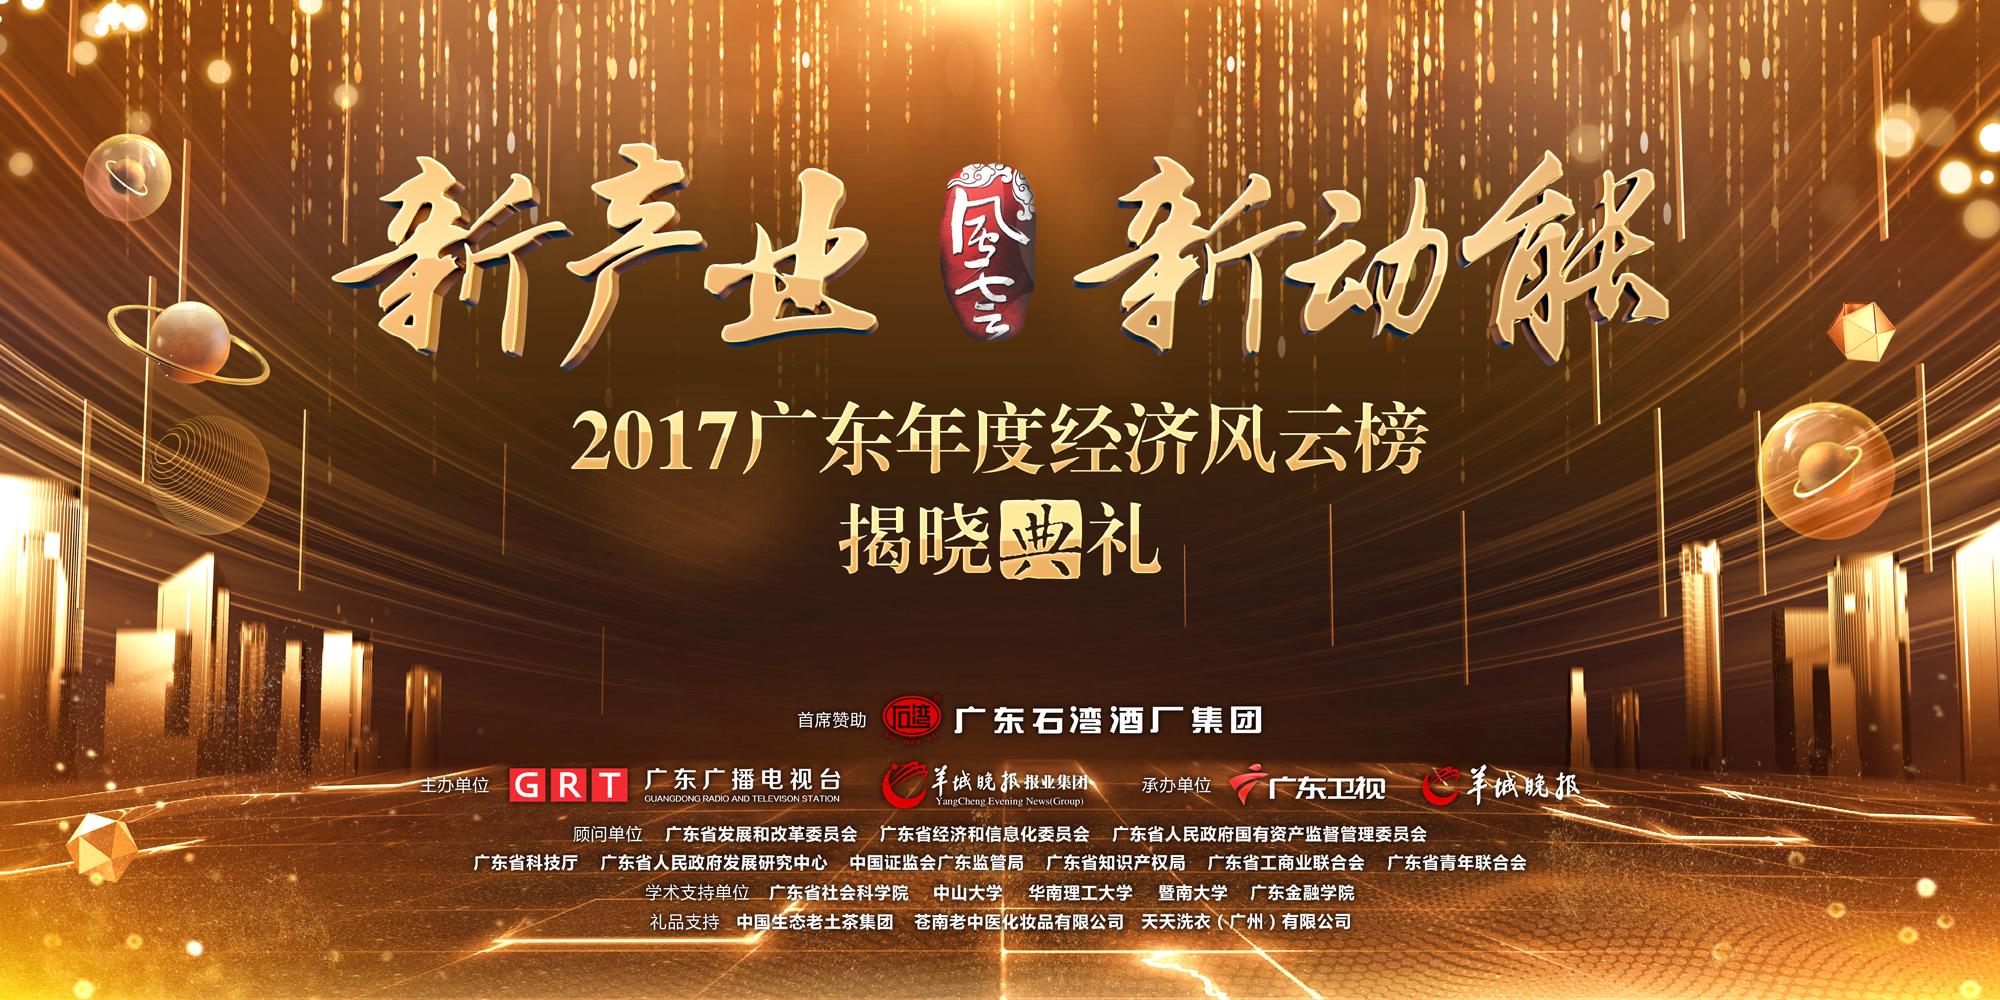 2017广东年度经济风云榜盛大揭晓 新经济力量崛起细分行业龙头喷涌